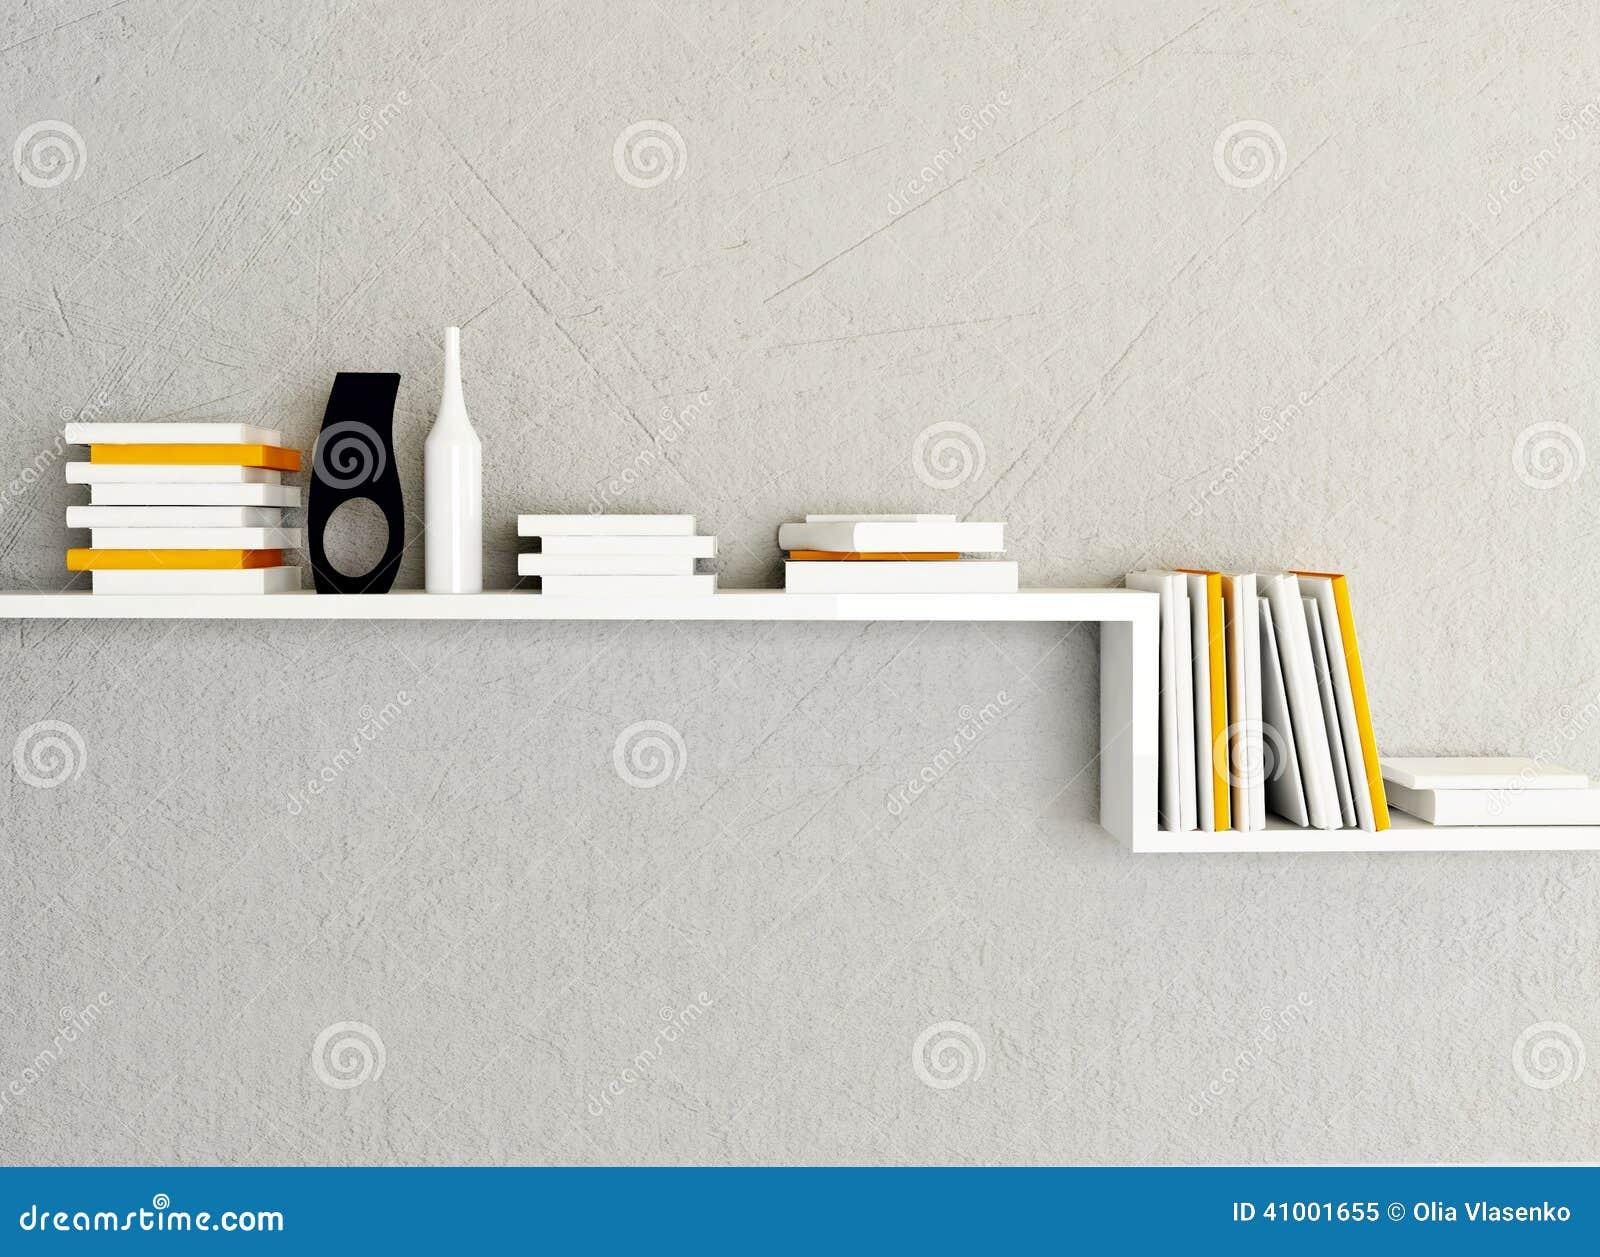 Een boekenrek op de muur stock illustratie afbeelding 41001655 - Kleden muur op ...